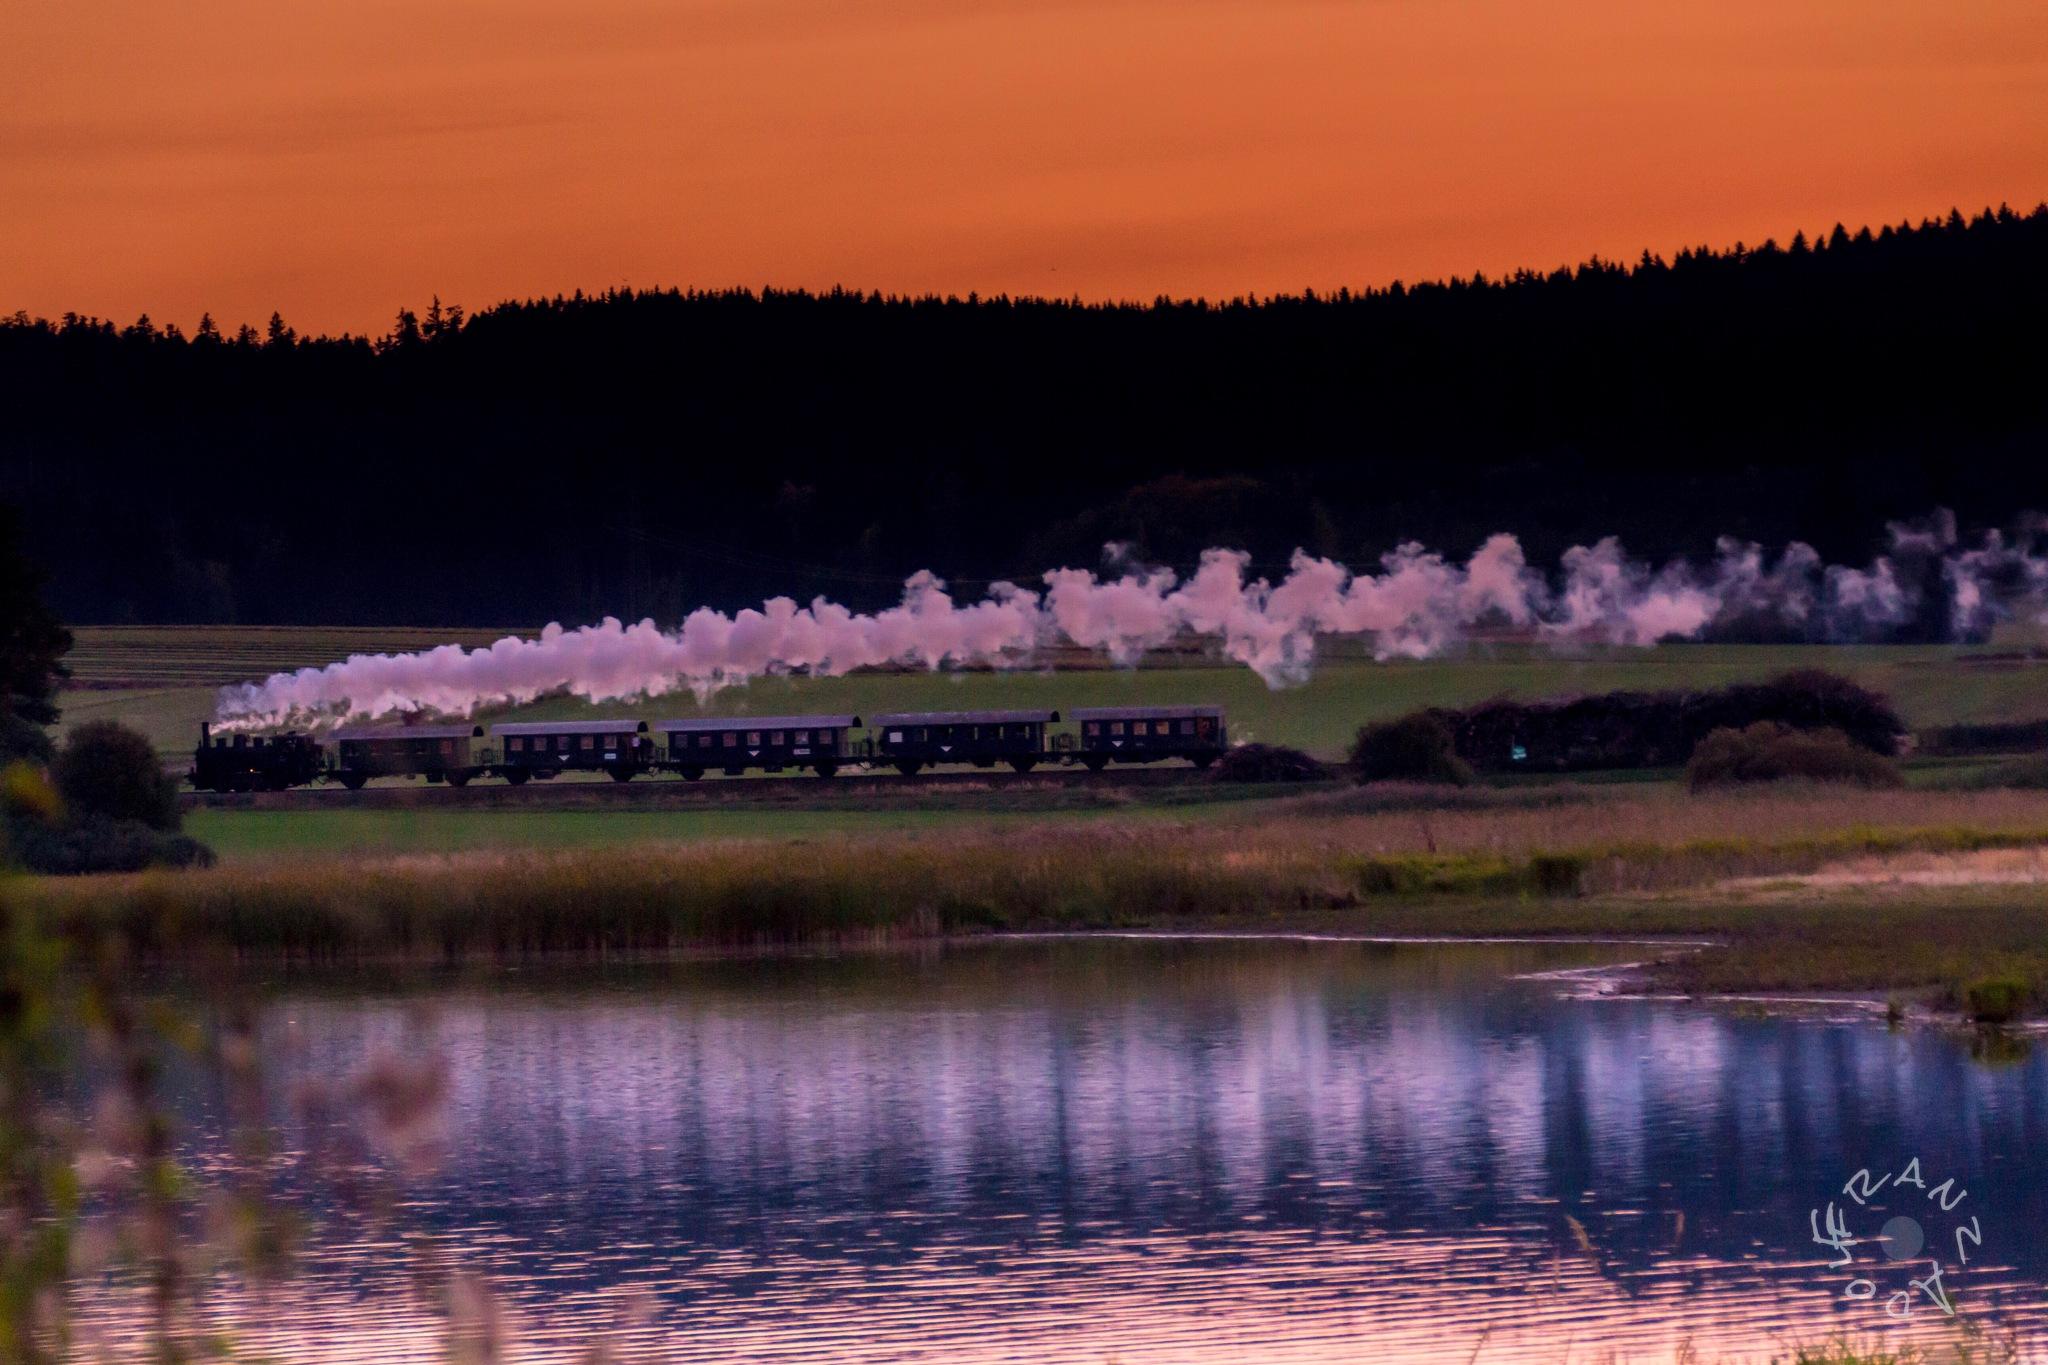 Steam Locomotive MLV Zwettl by Franzl